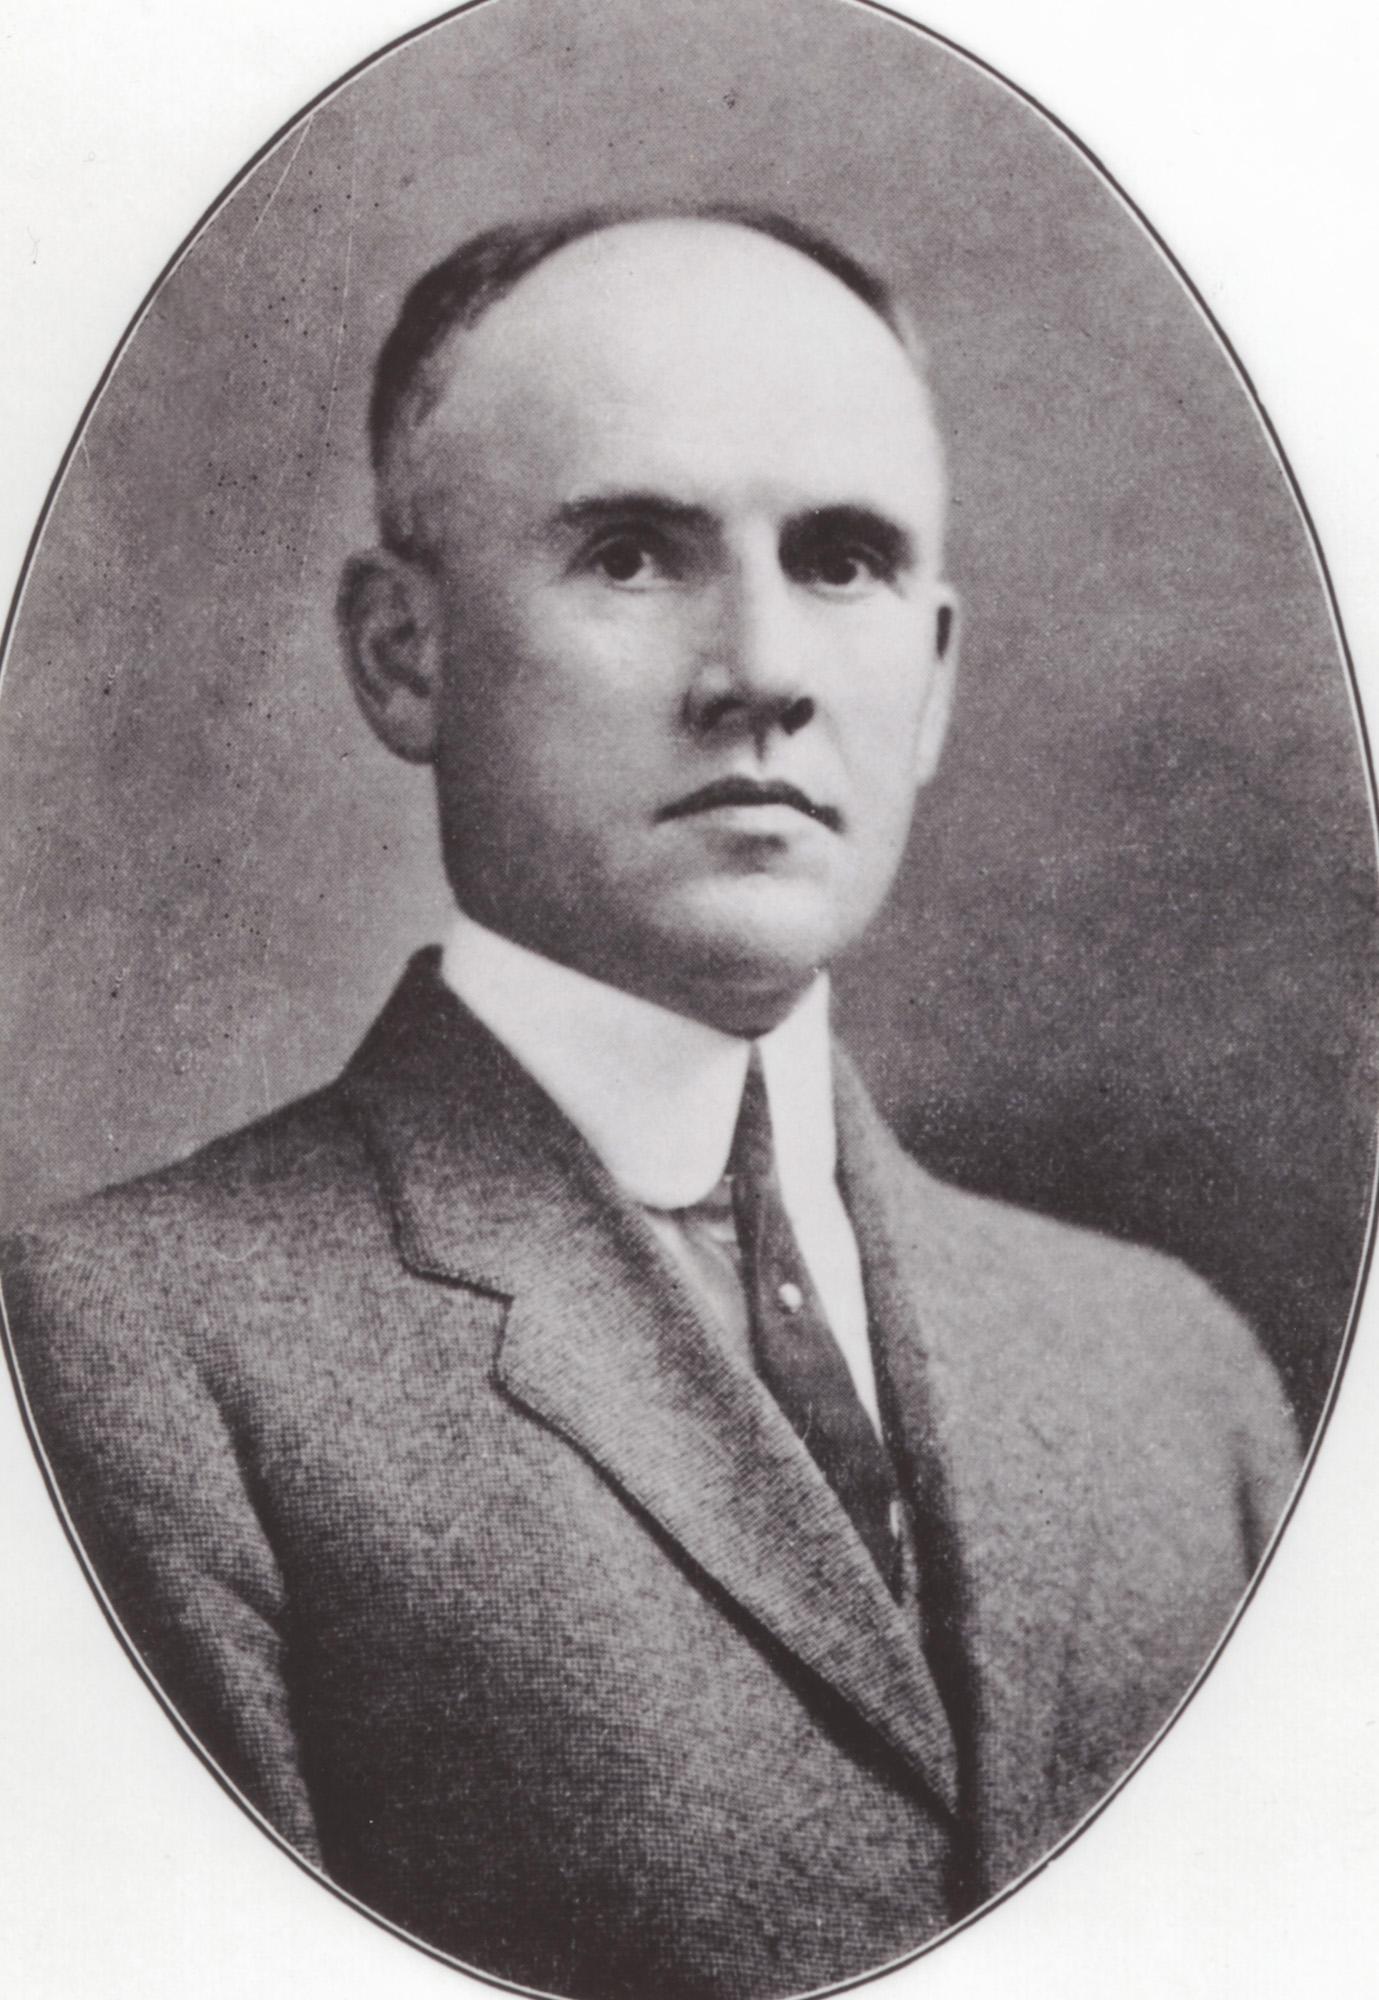 James Sturges